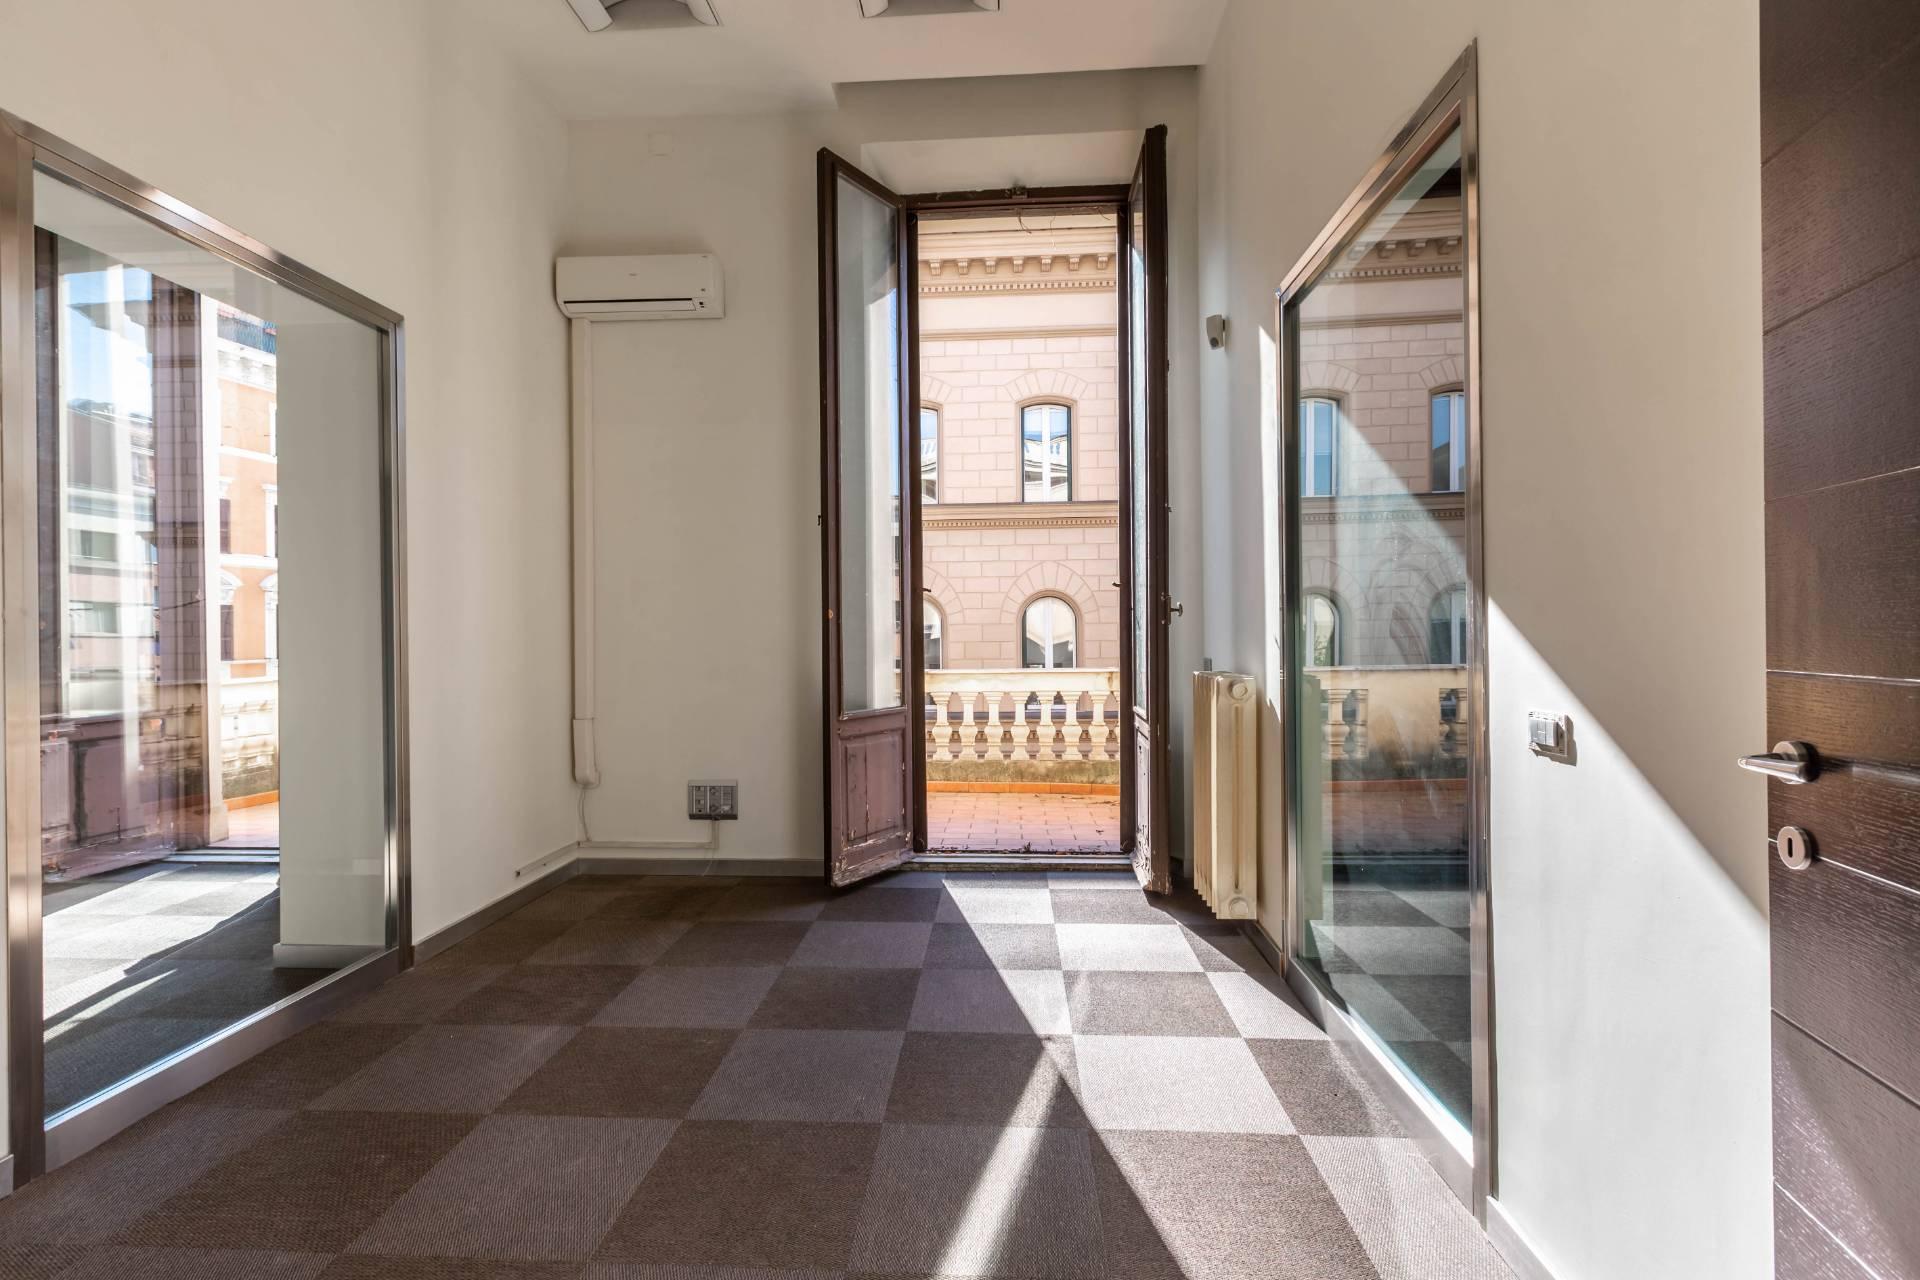 Cbi107 10 2019 res ufficio in affitto a roma sallustio for Ufficio in affitto roma eur